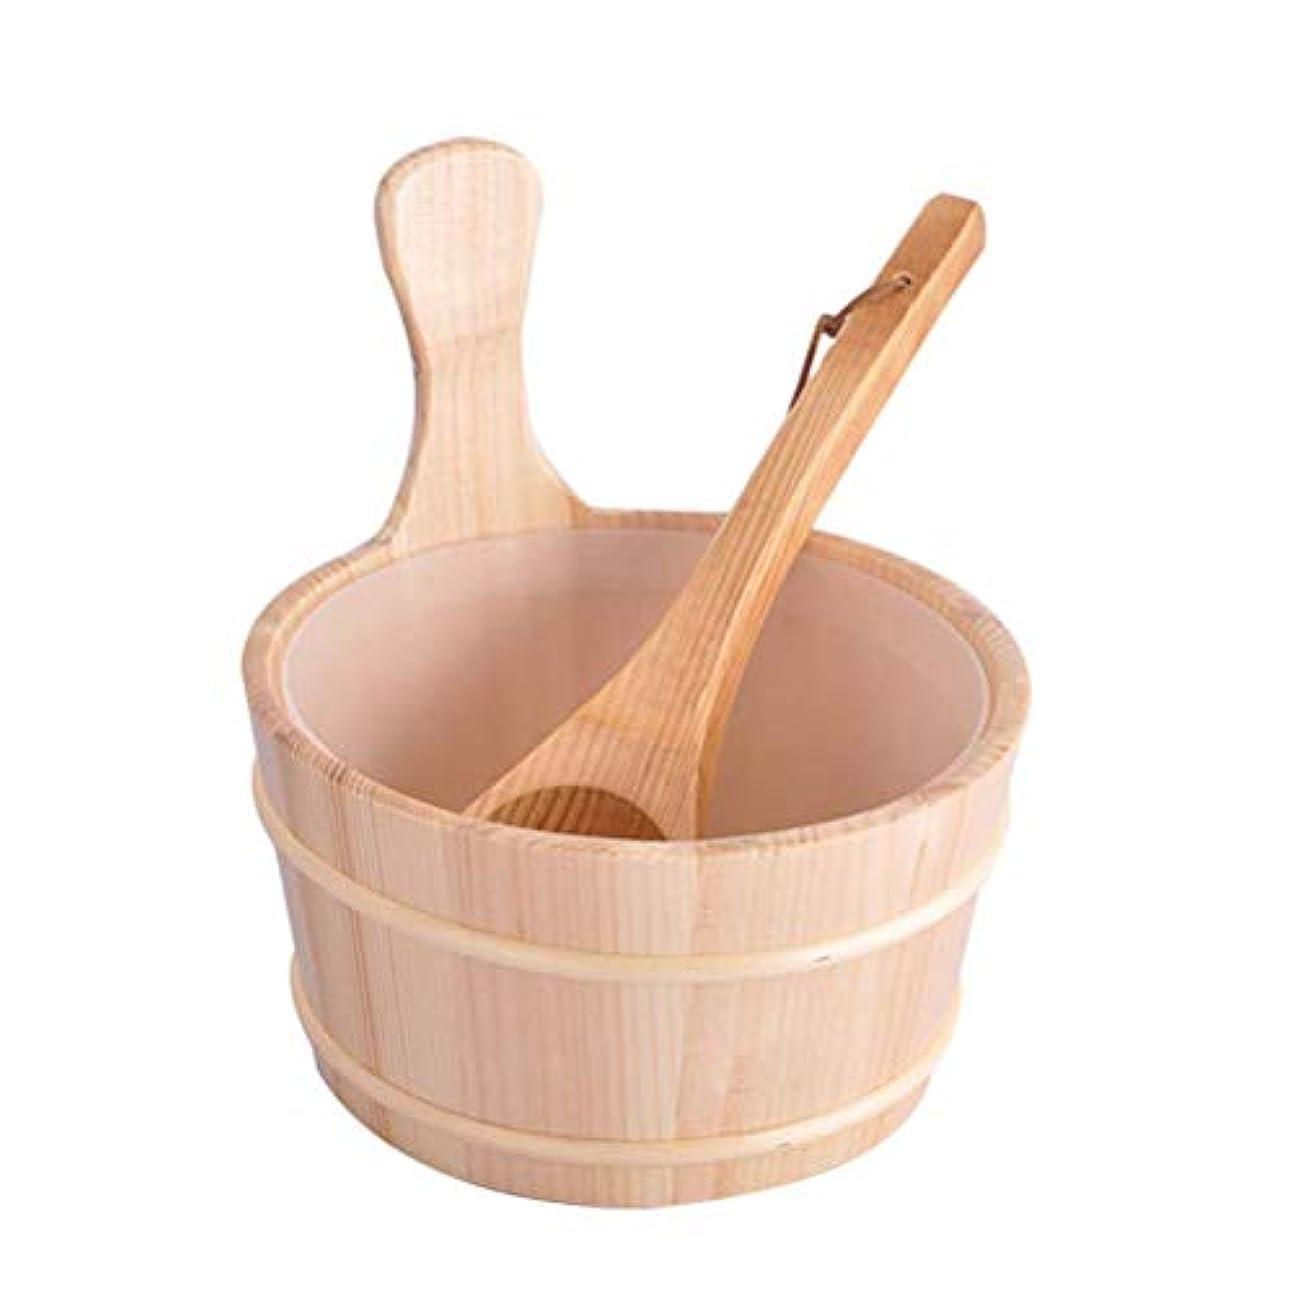 部羨望教師の日Healifty 2個入りサウナ木製バケツとひしゃくキットサウナとサウナルーム用のライナー付きスパバケット(ニュートラルスタイル)